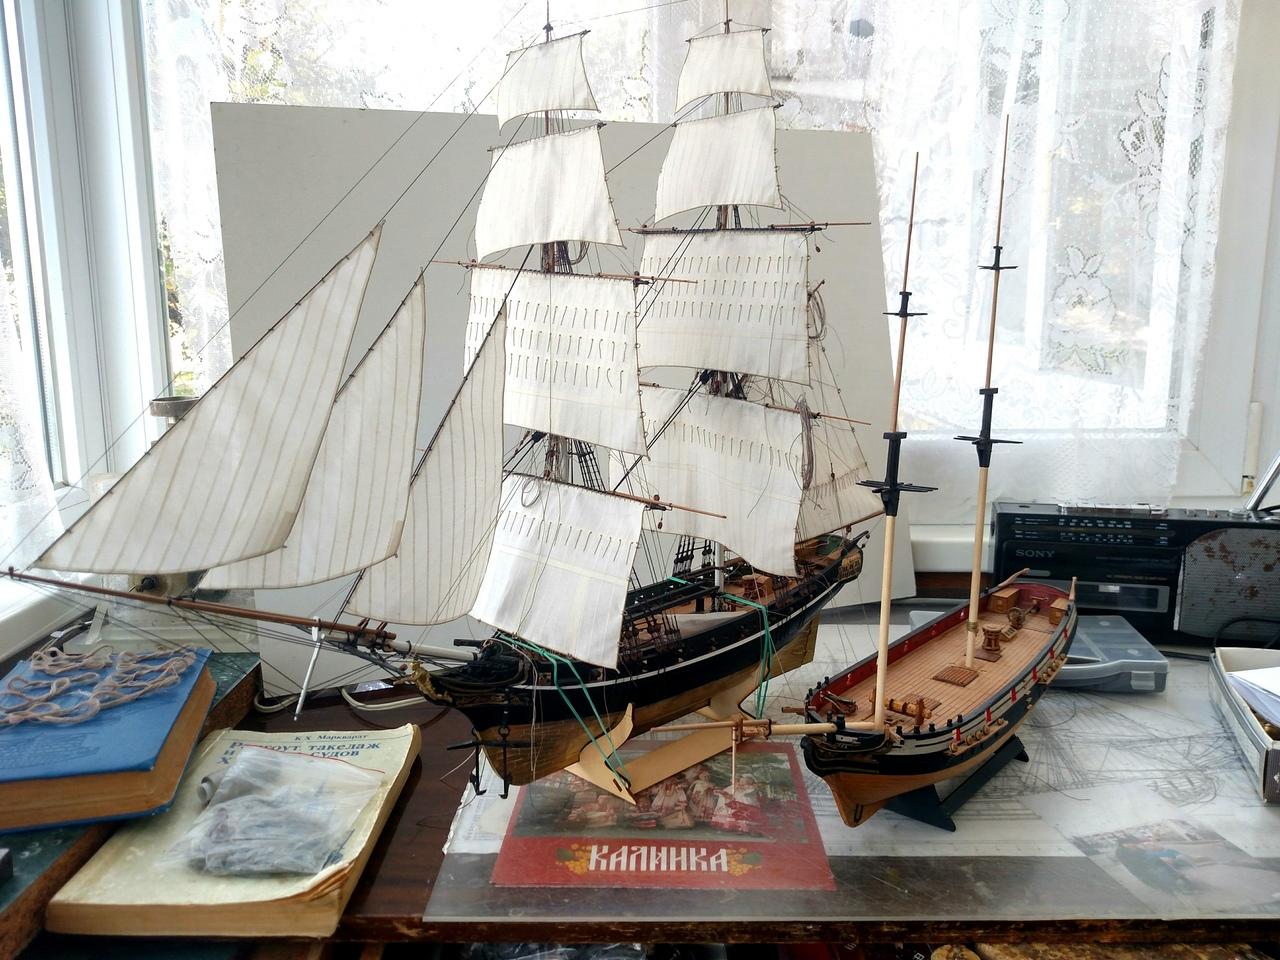 Фэнтези фотоколлаж парусные корабли блюдо поливается